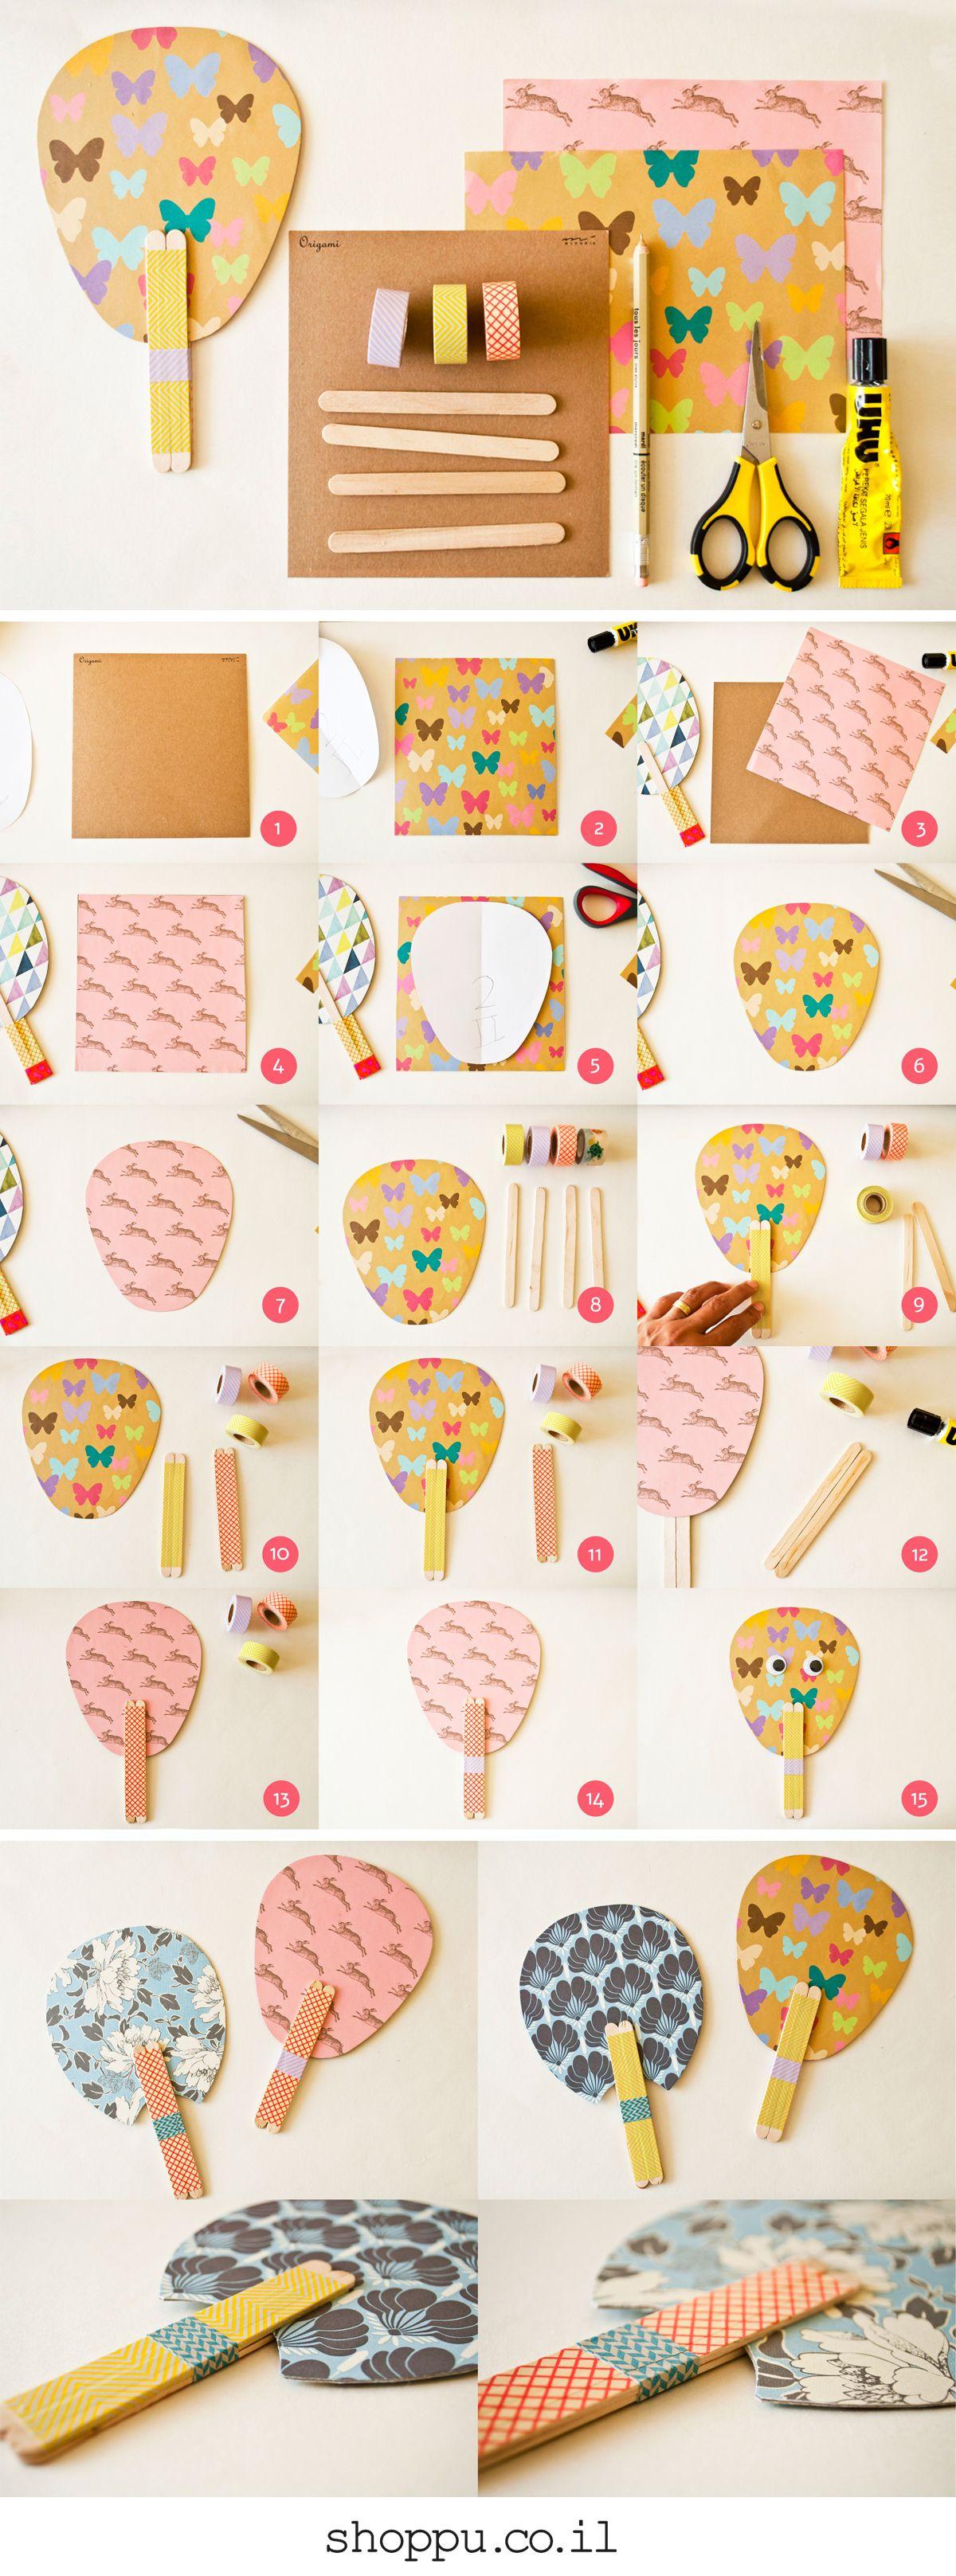 הכנת מניפות יפניות עם חומרים פשוטים